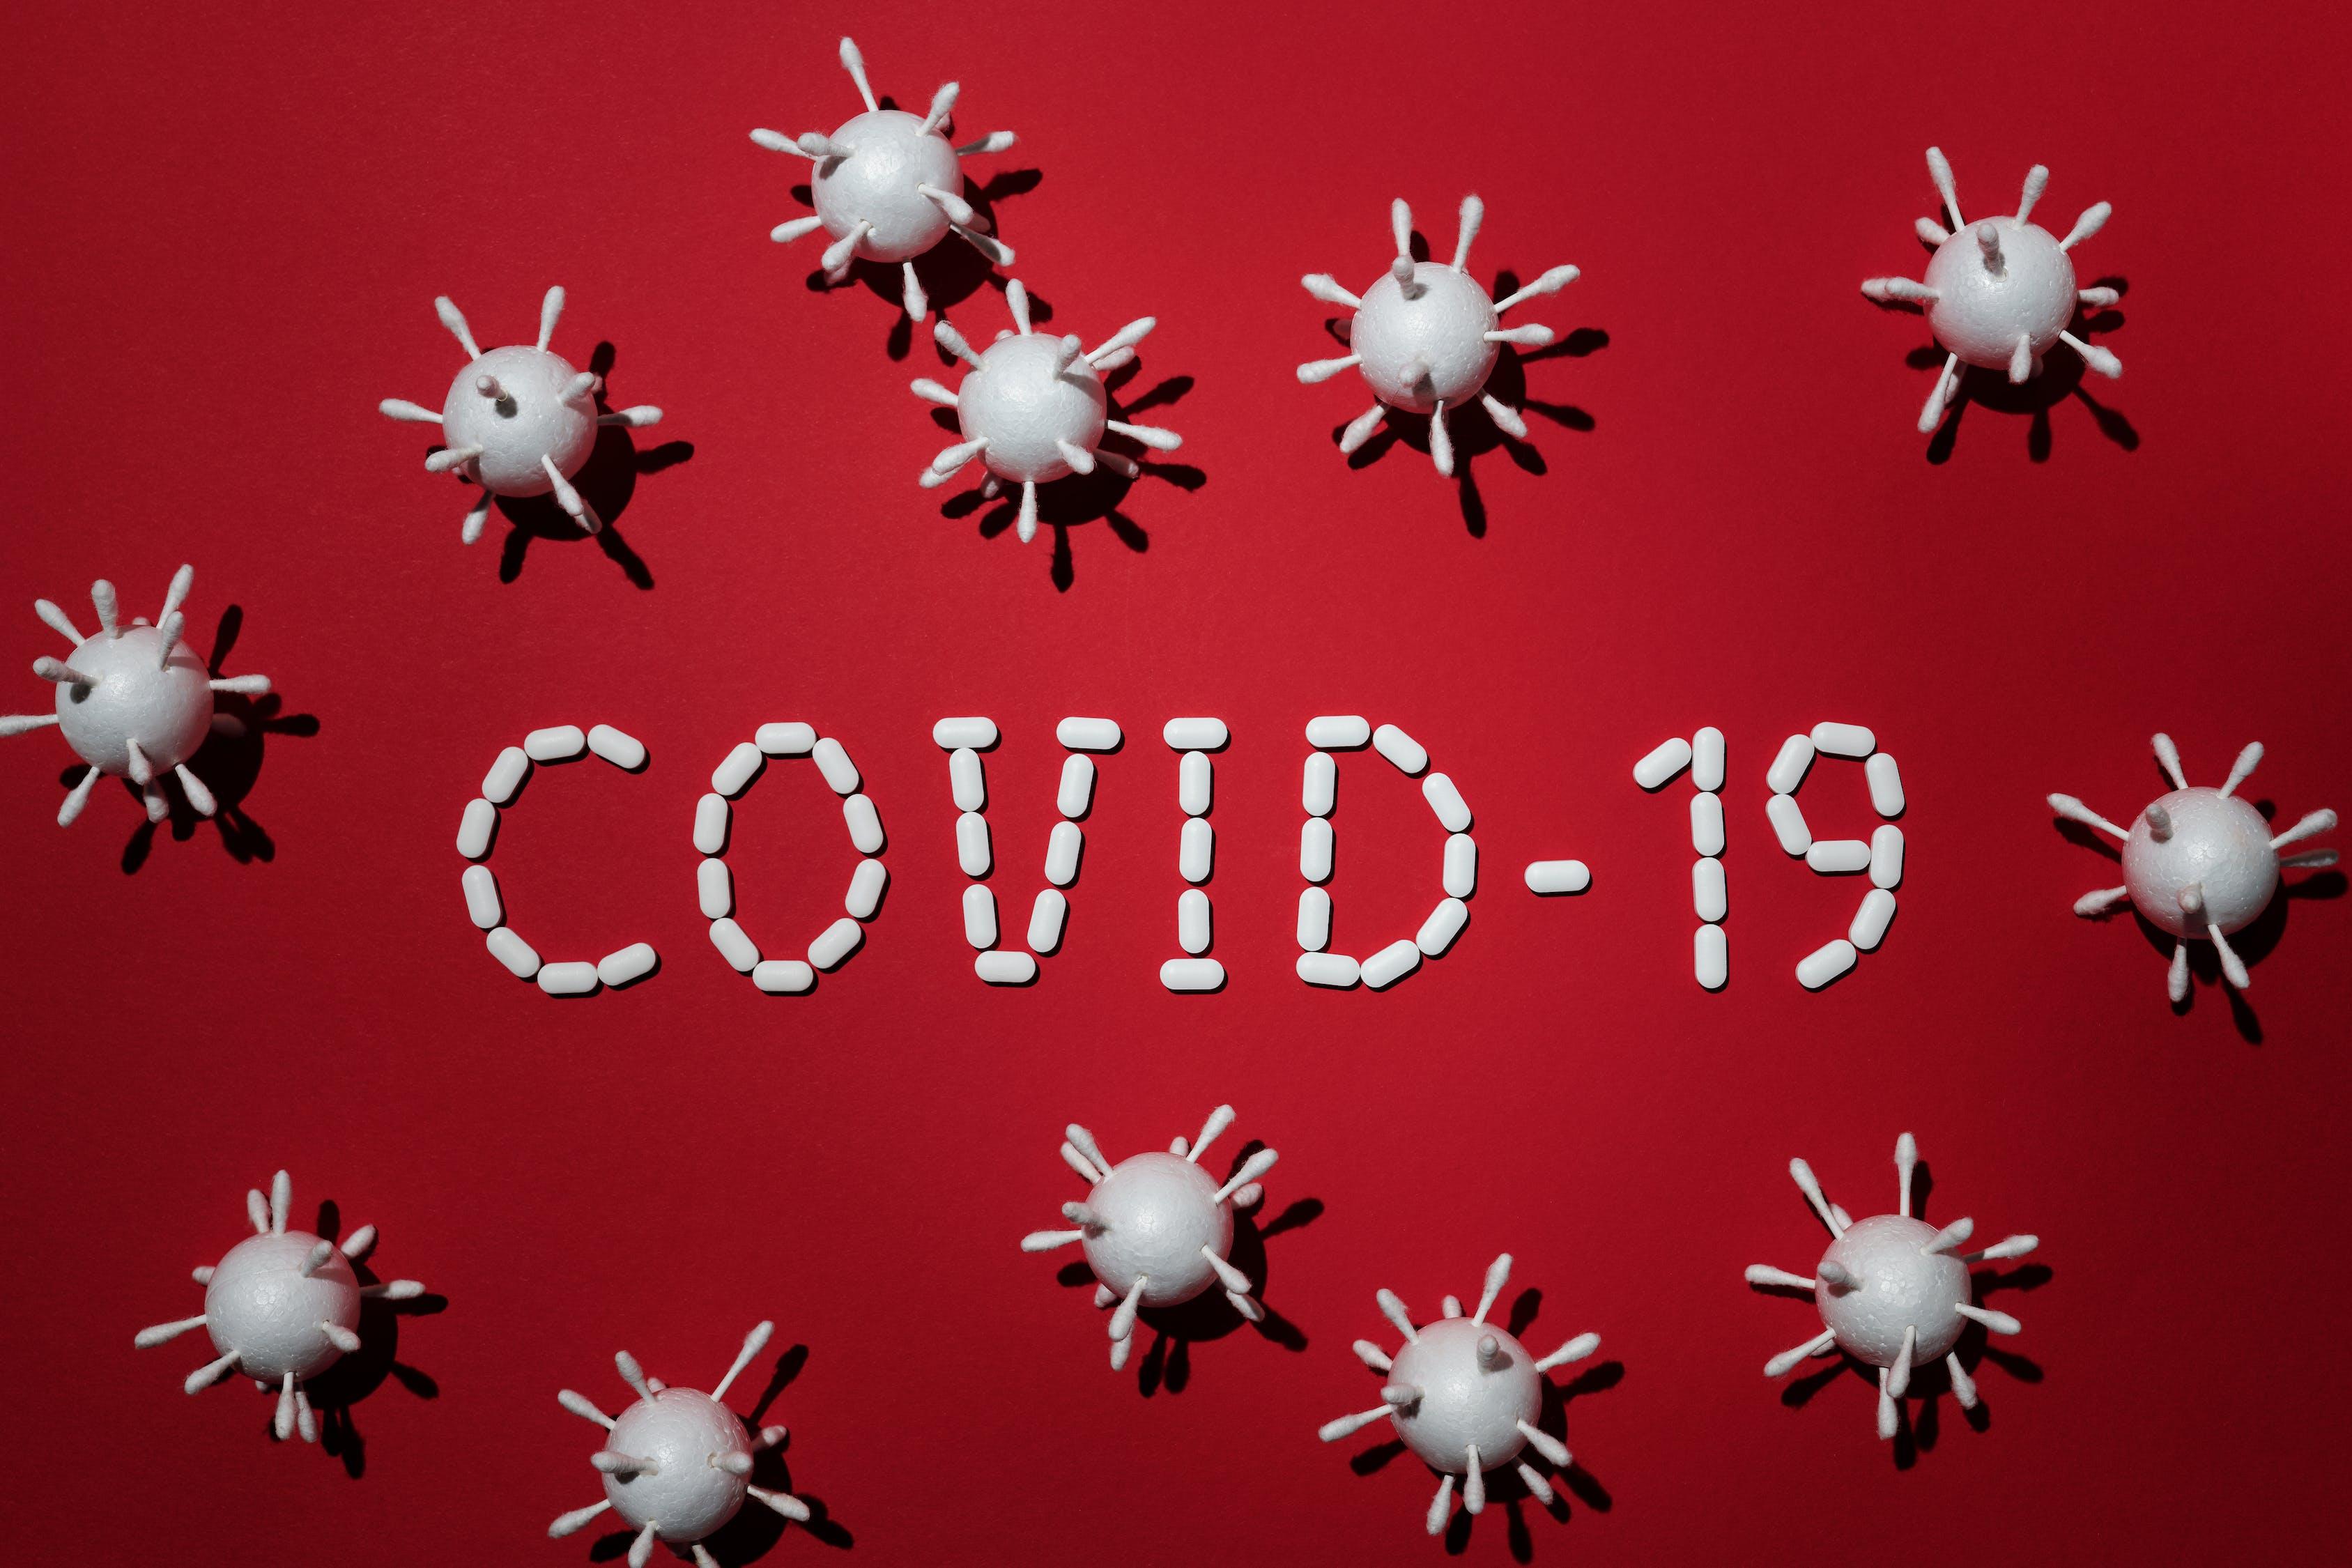 印度变异新冠攻破疫苗 印度开始接受中国等国援助